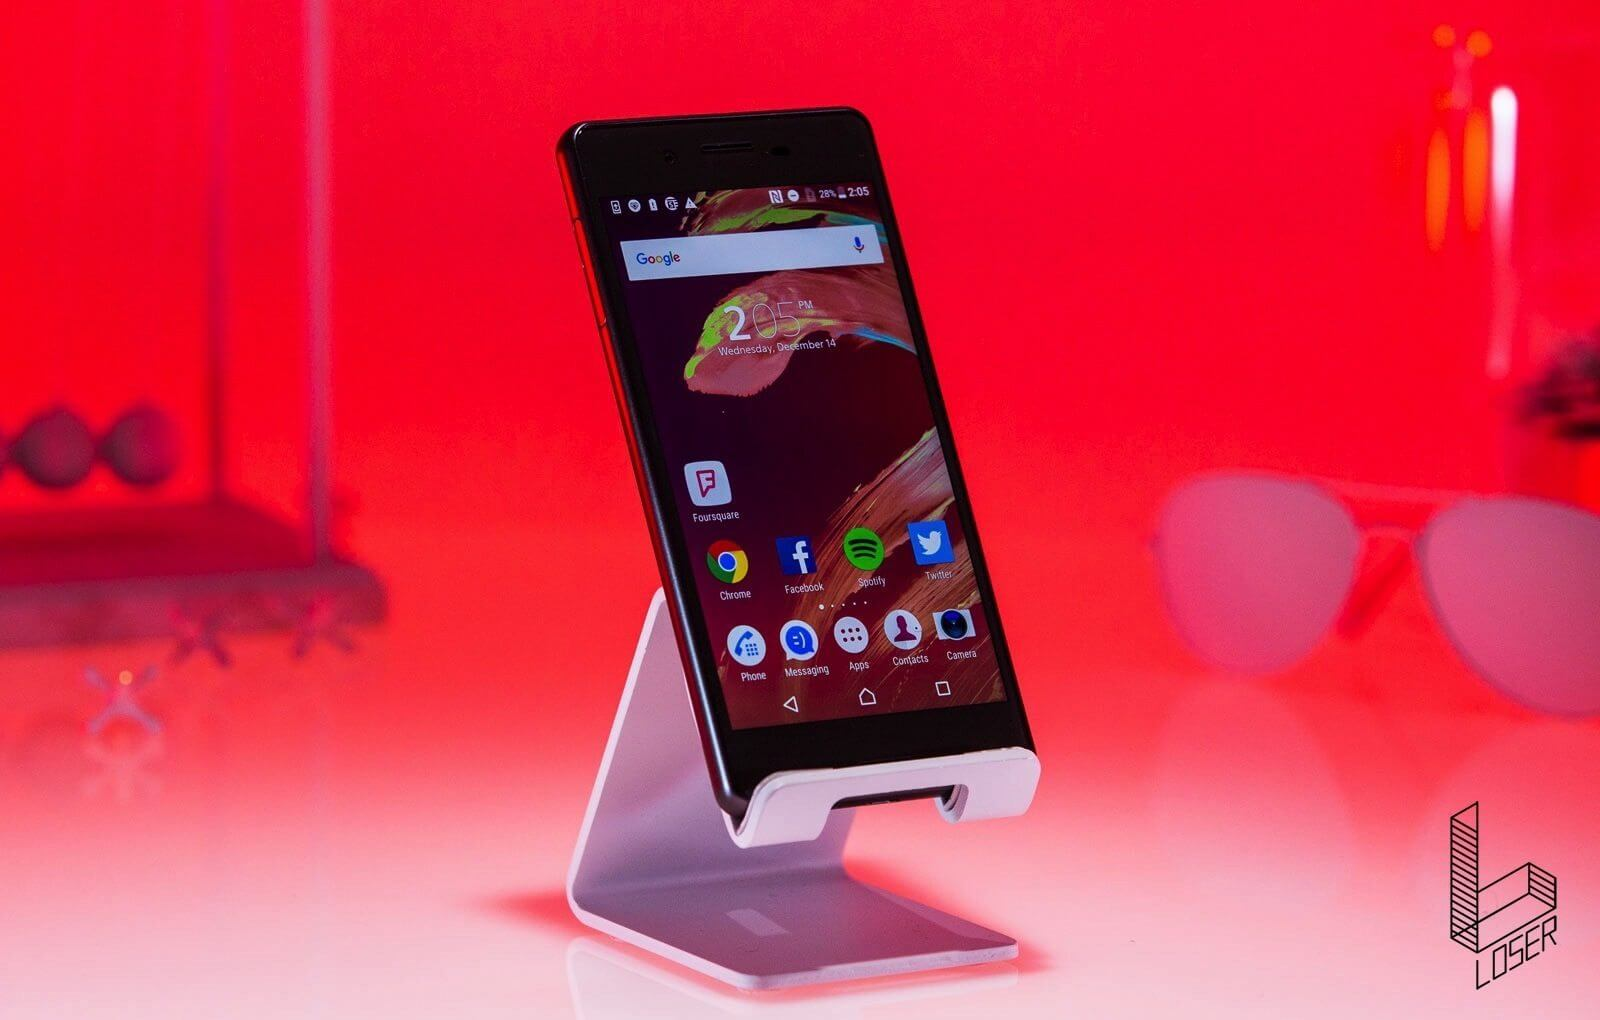 2016sony xperia worstjt 1 - Os piores gadgets de 2016